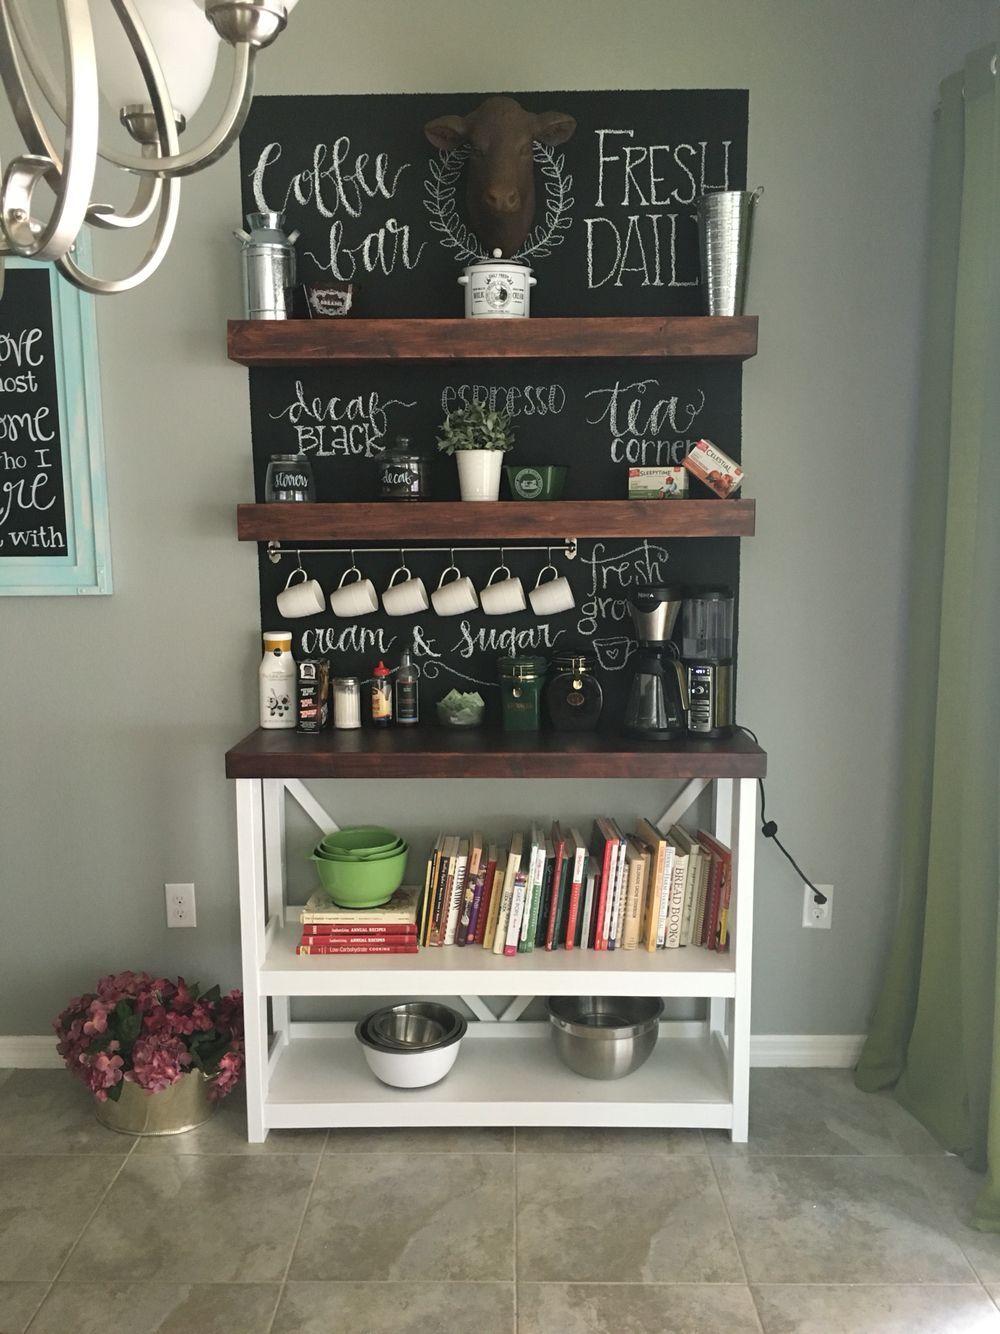 Coffee bar and cookbook nook Iç tasarım, Ahşap palet, Dekor